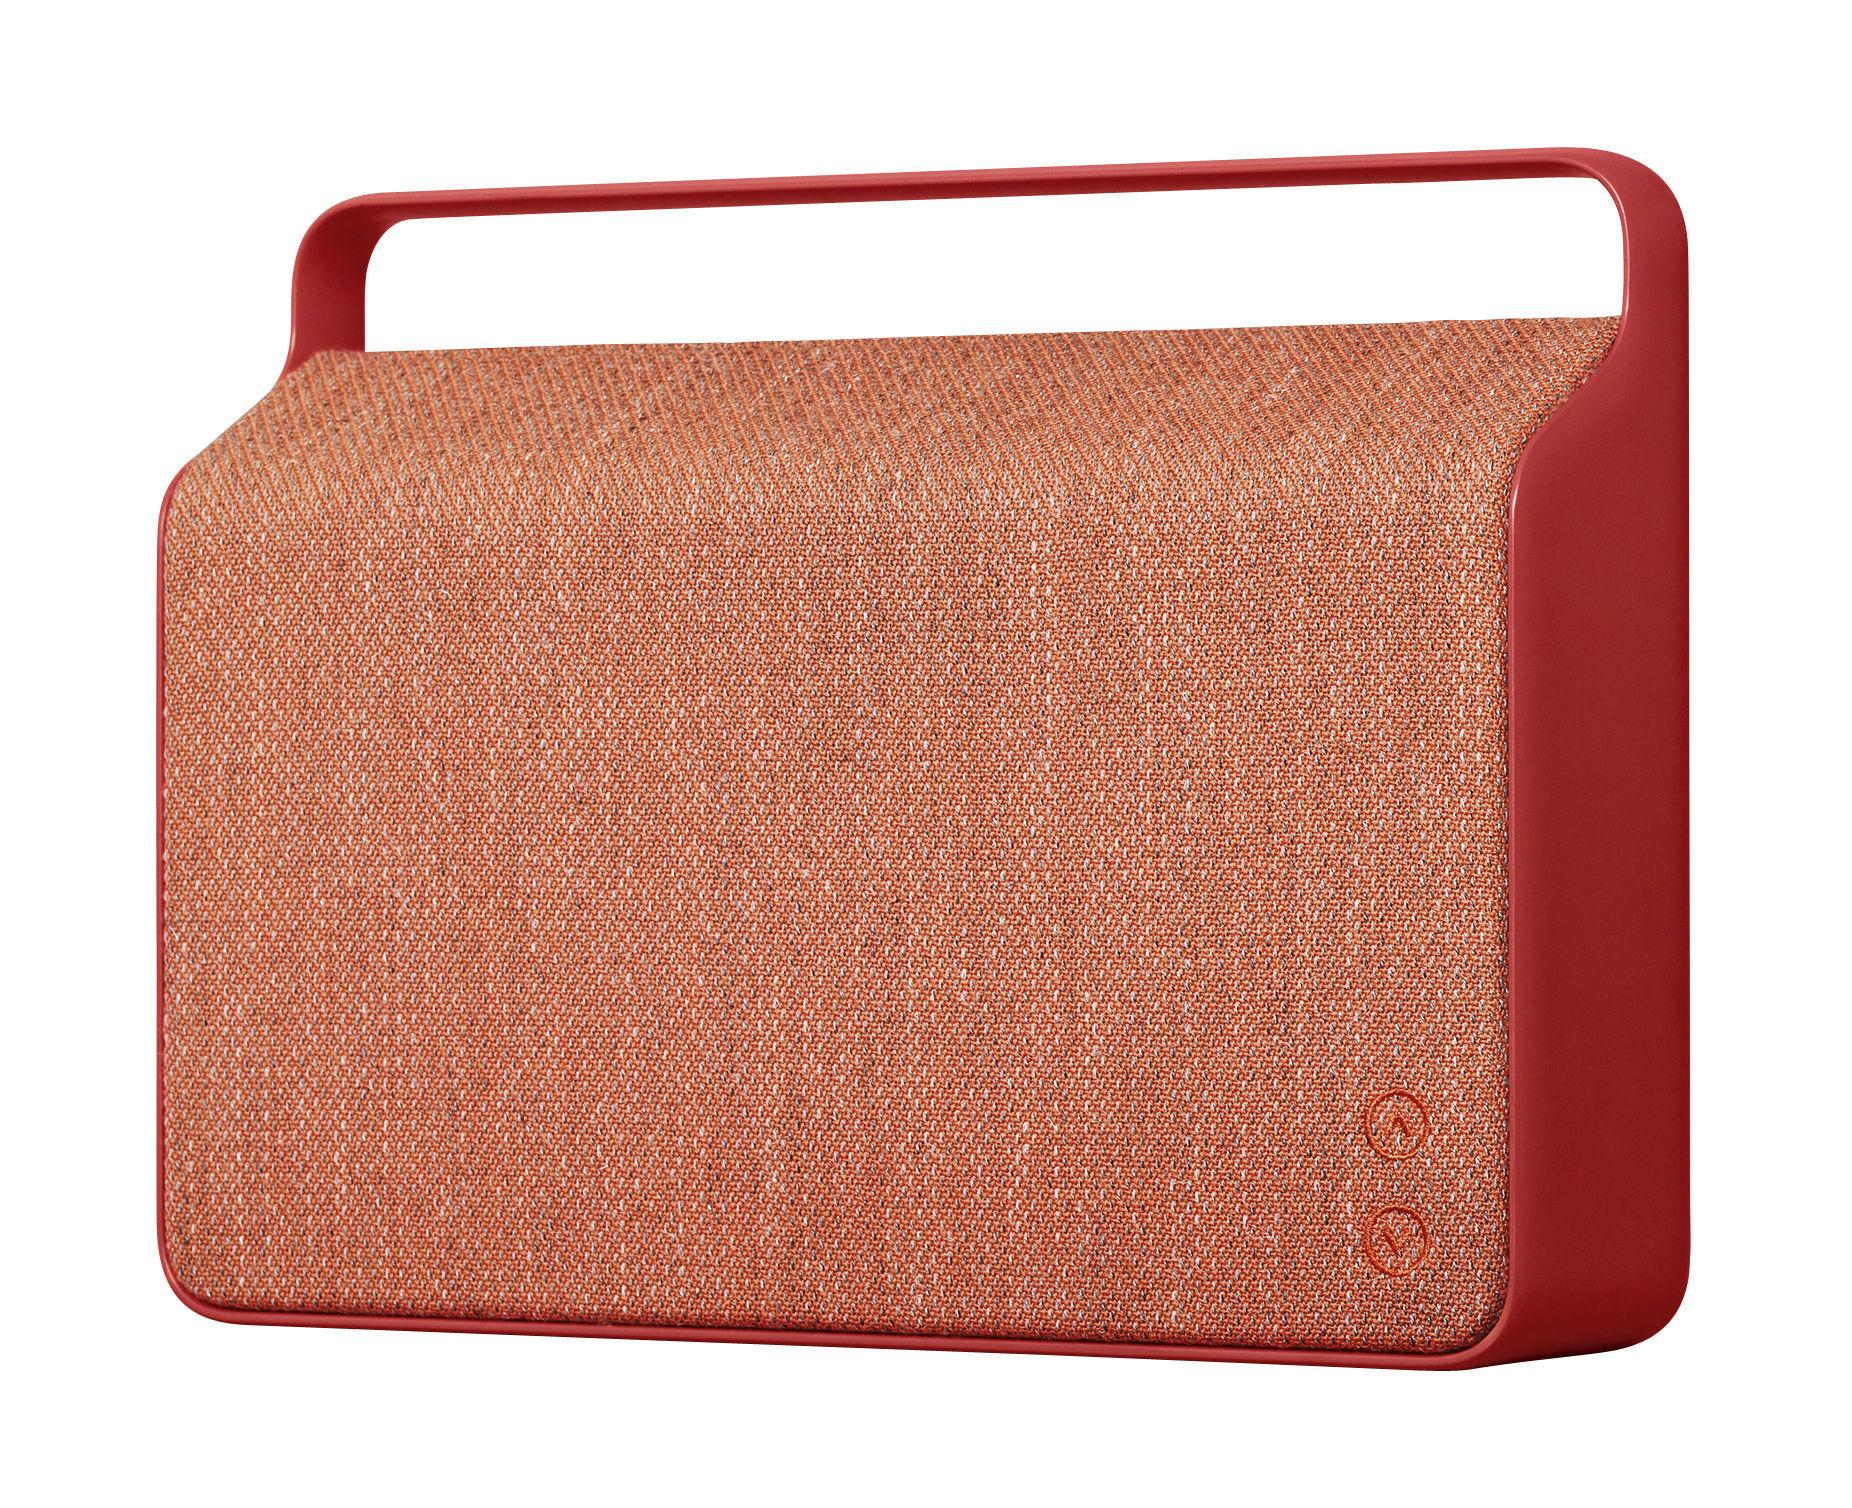 Accessories - Speakers & Audio - Copenhague Bluetooth speaker - Bluetooth / Fabric & alu by Vifa - Red - Aluminium, Kvadrat fabric